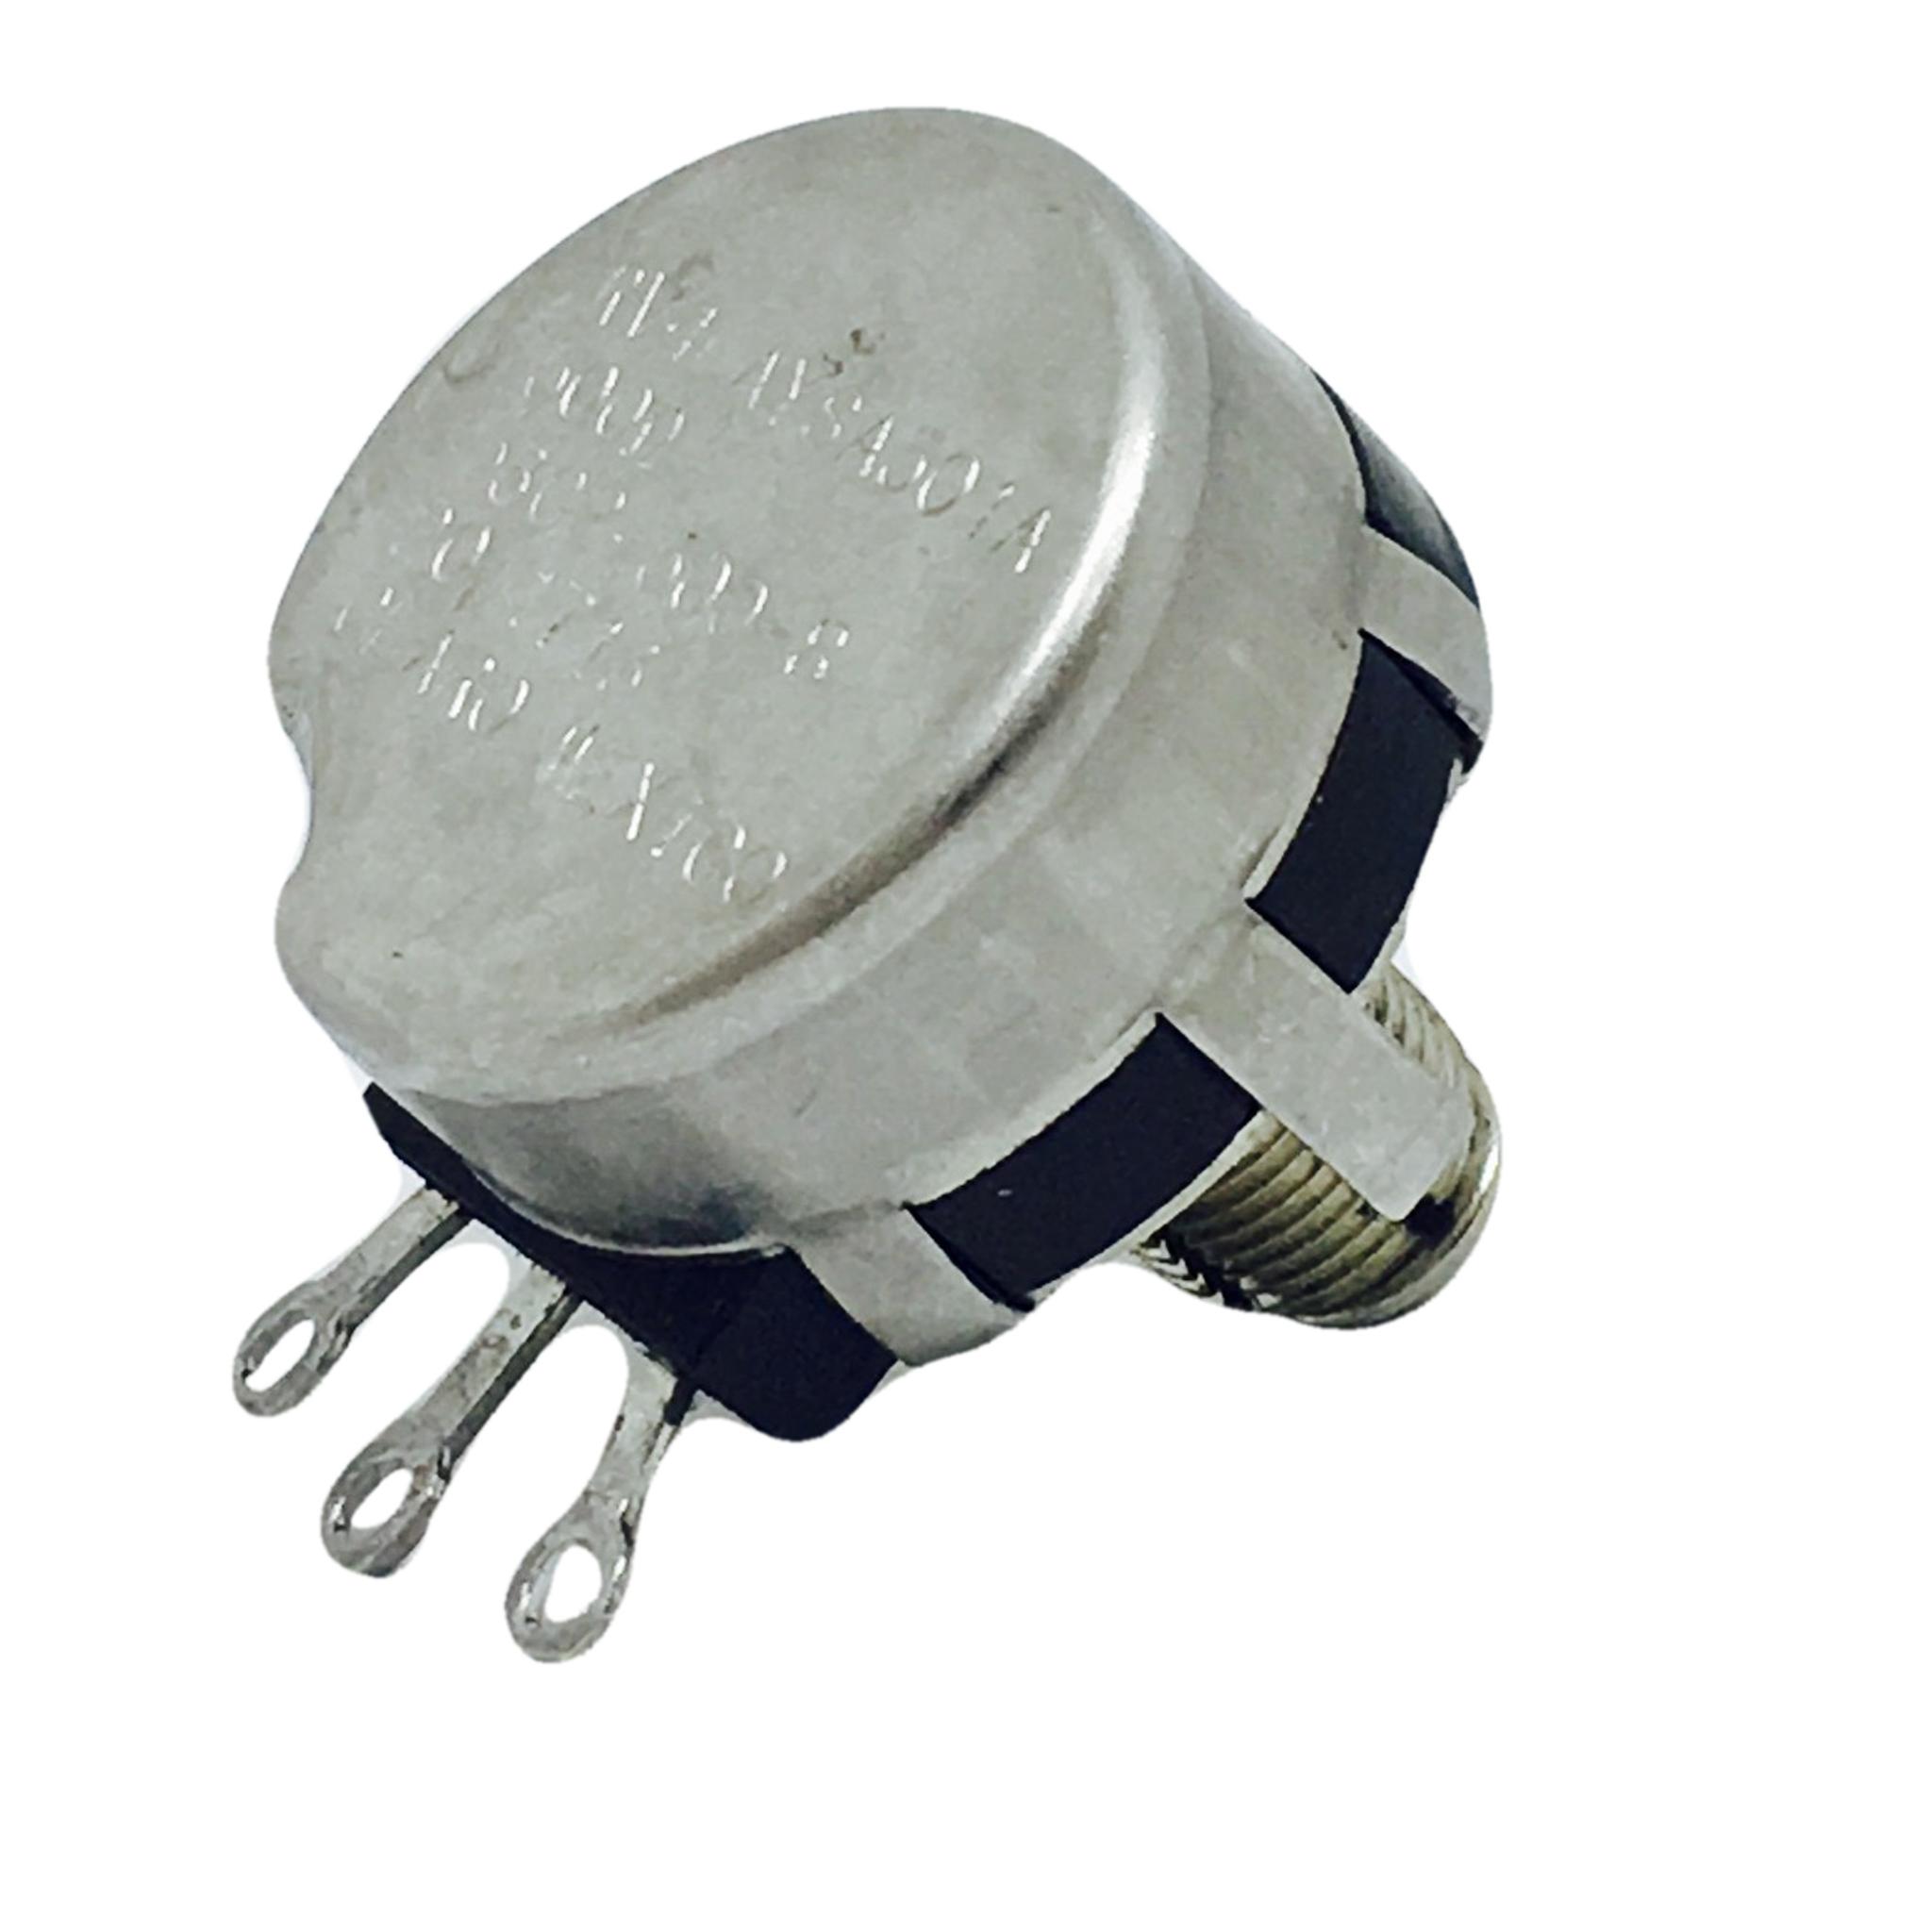 RV4NAYSD501A 53C3500 Potentiometers 500 Ohm 10/% 2W 6.35mm